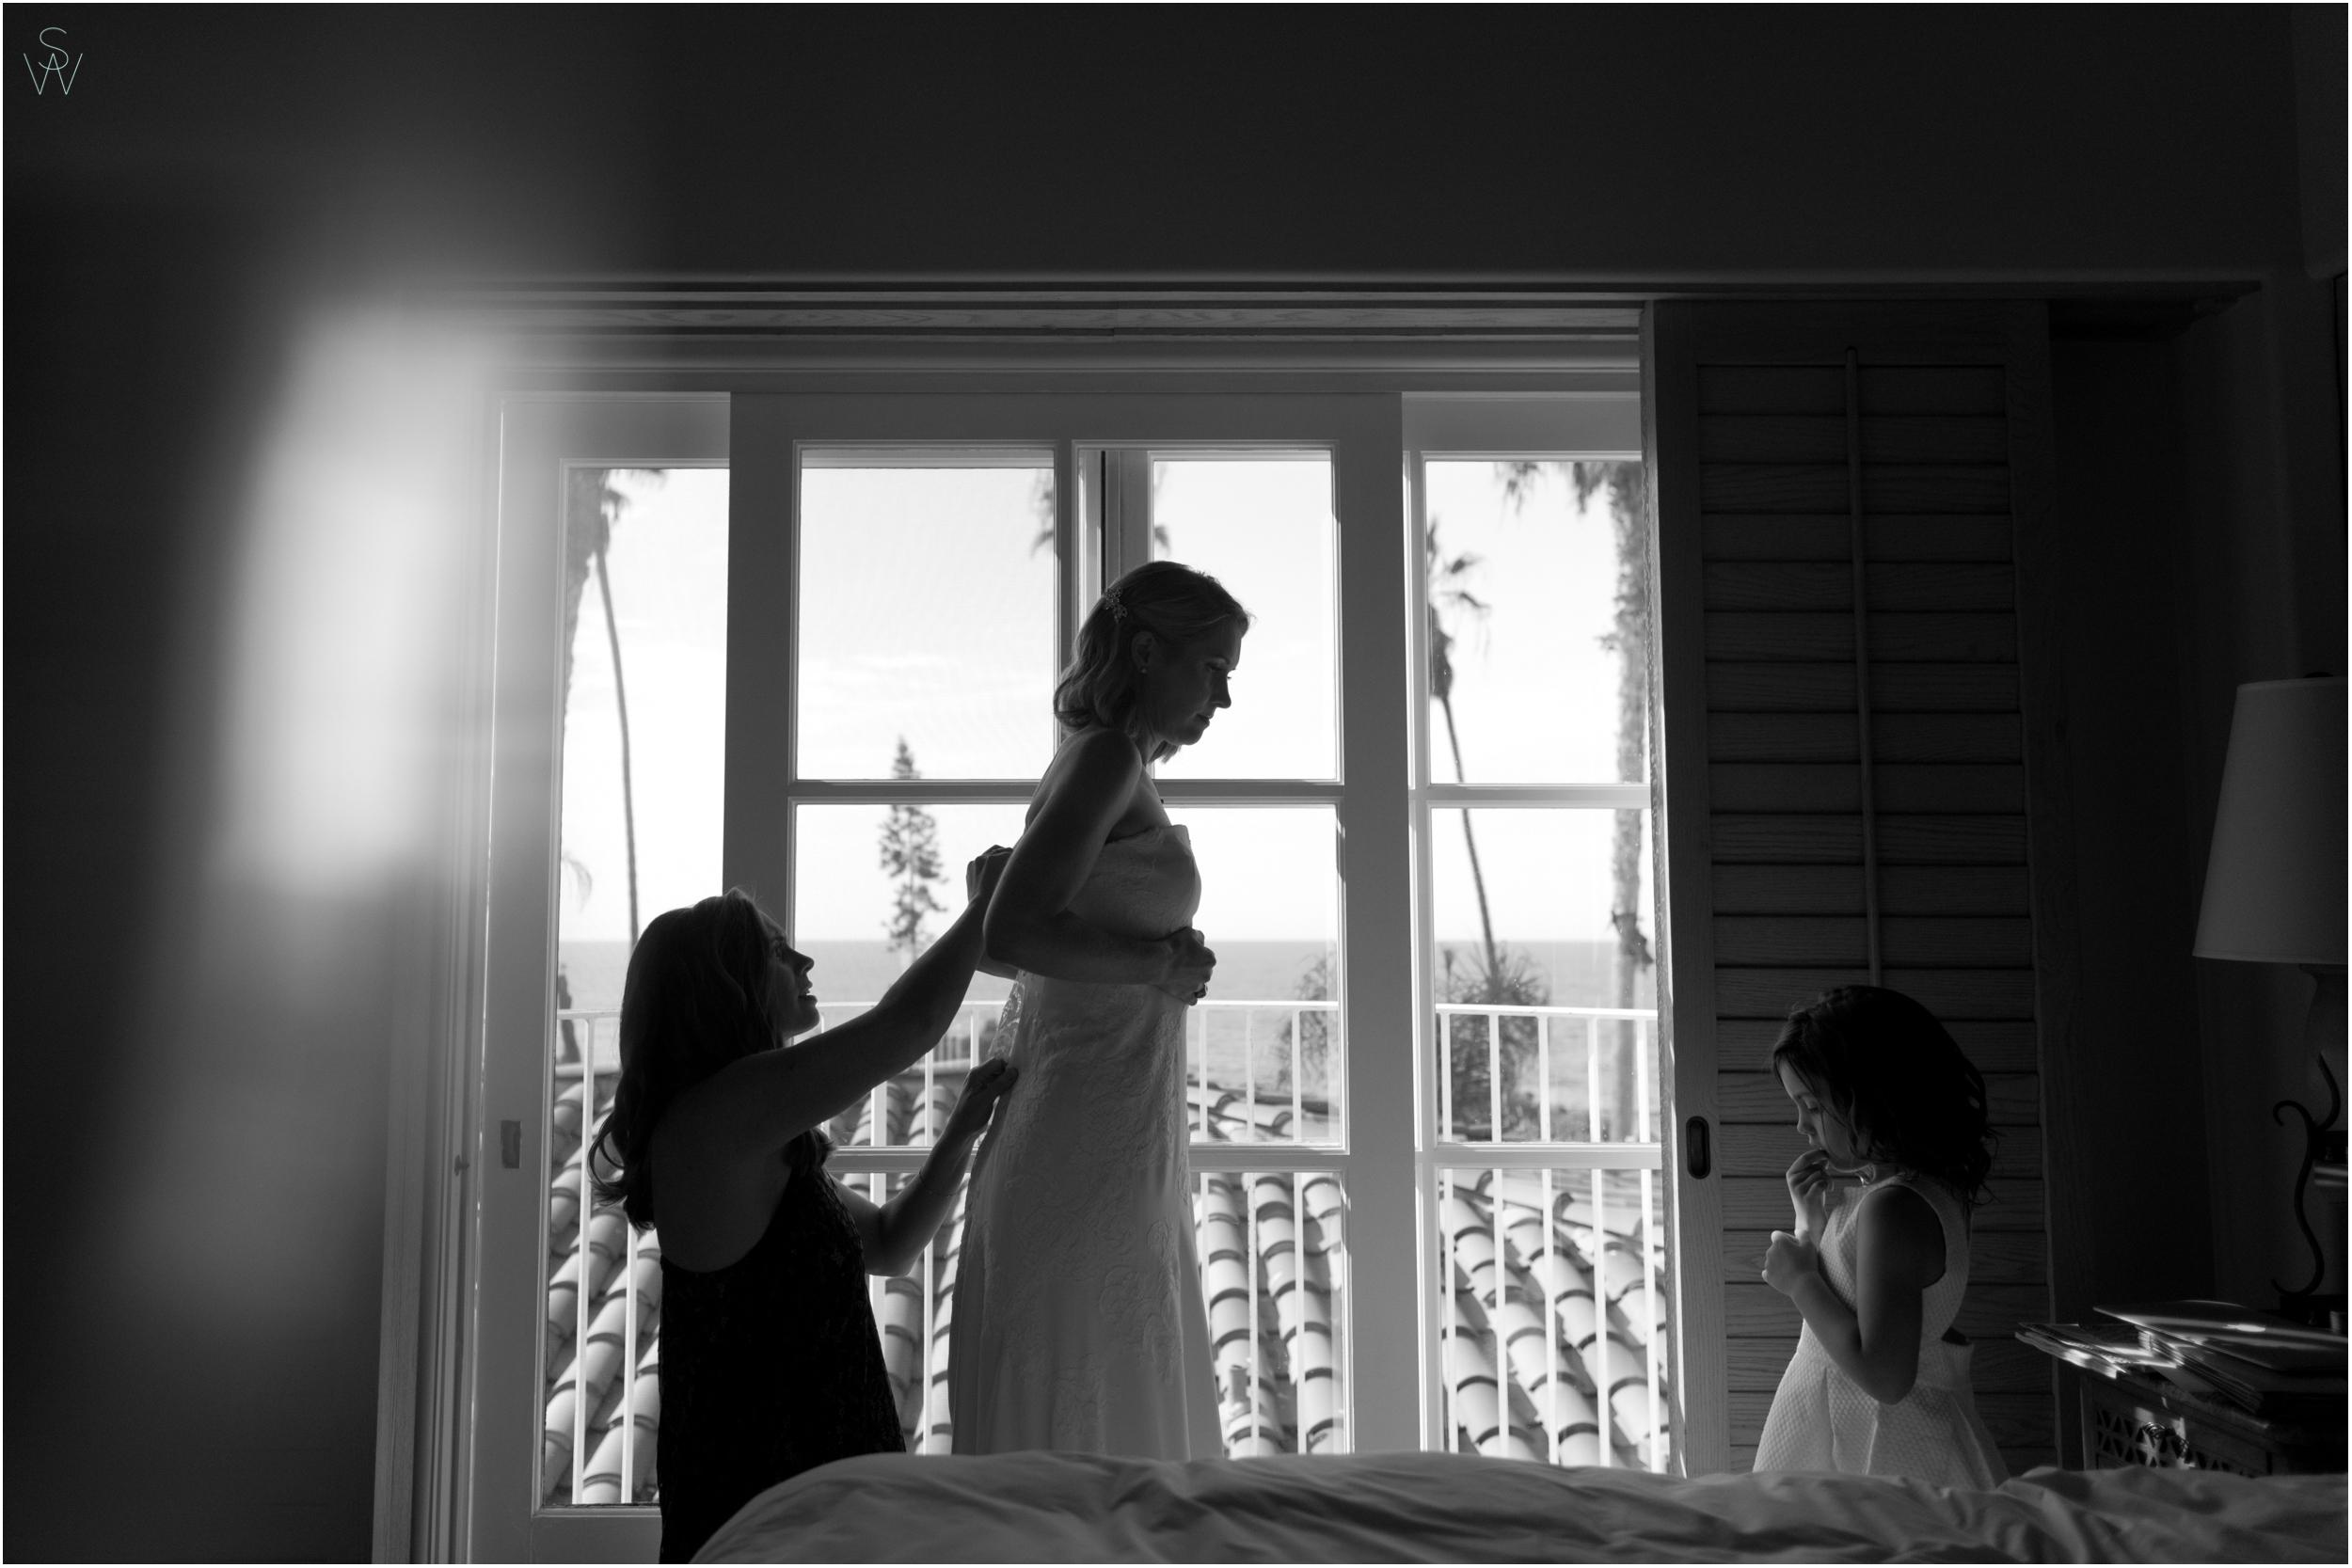 Colleen.Kyle20190122Shewanders.granddelmar.wedding 0440.jpg